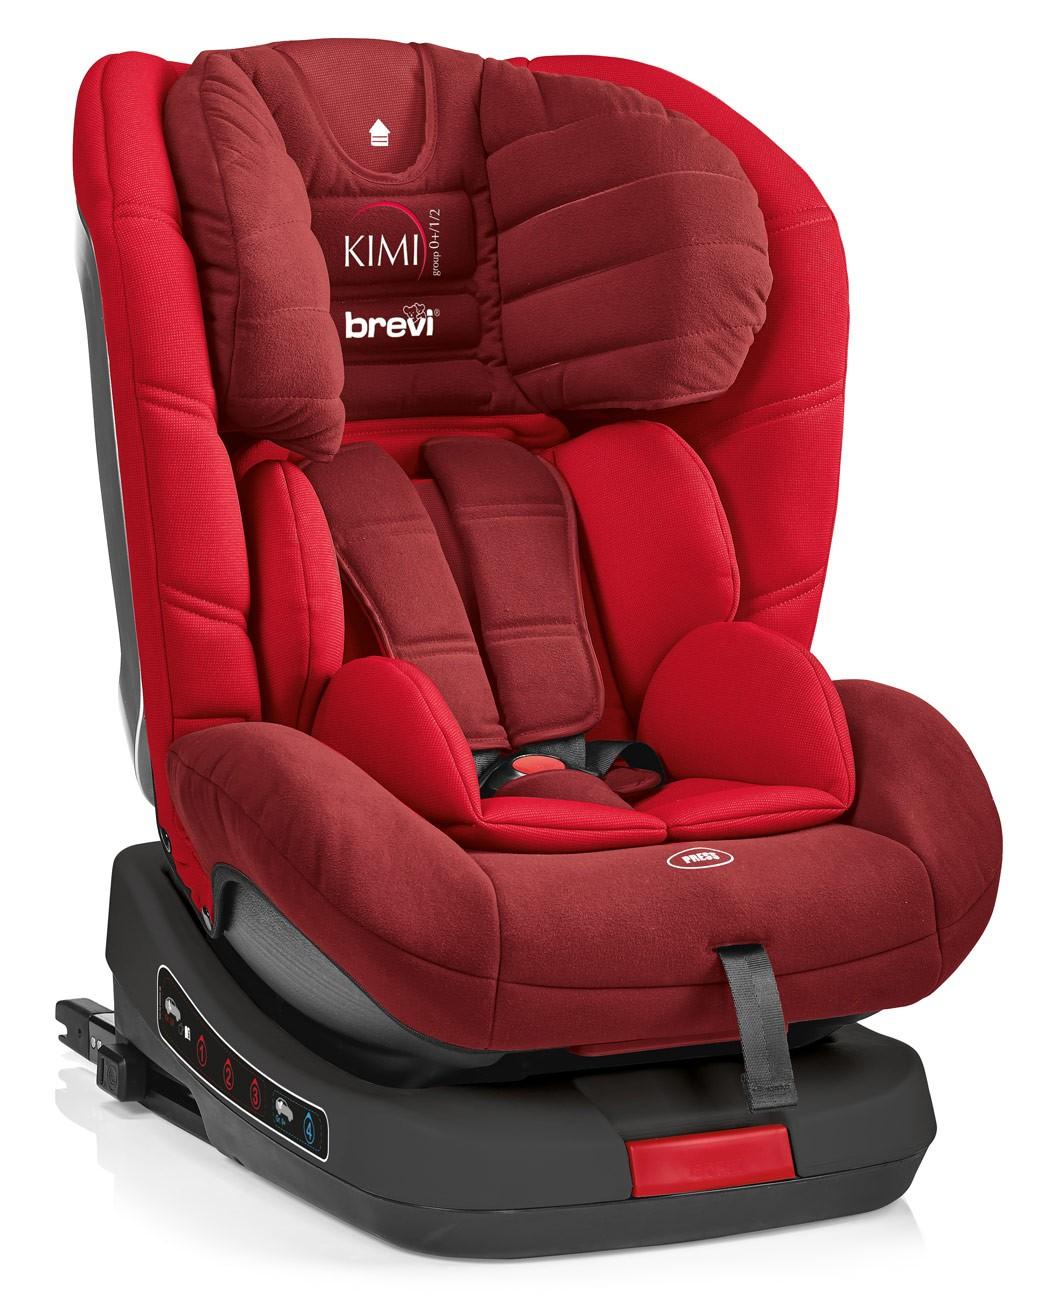 Silla de Auto Kimi Isofix Brevi Rojo